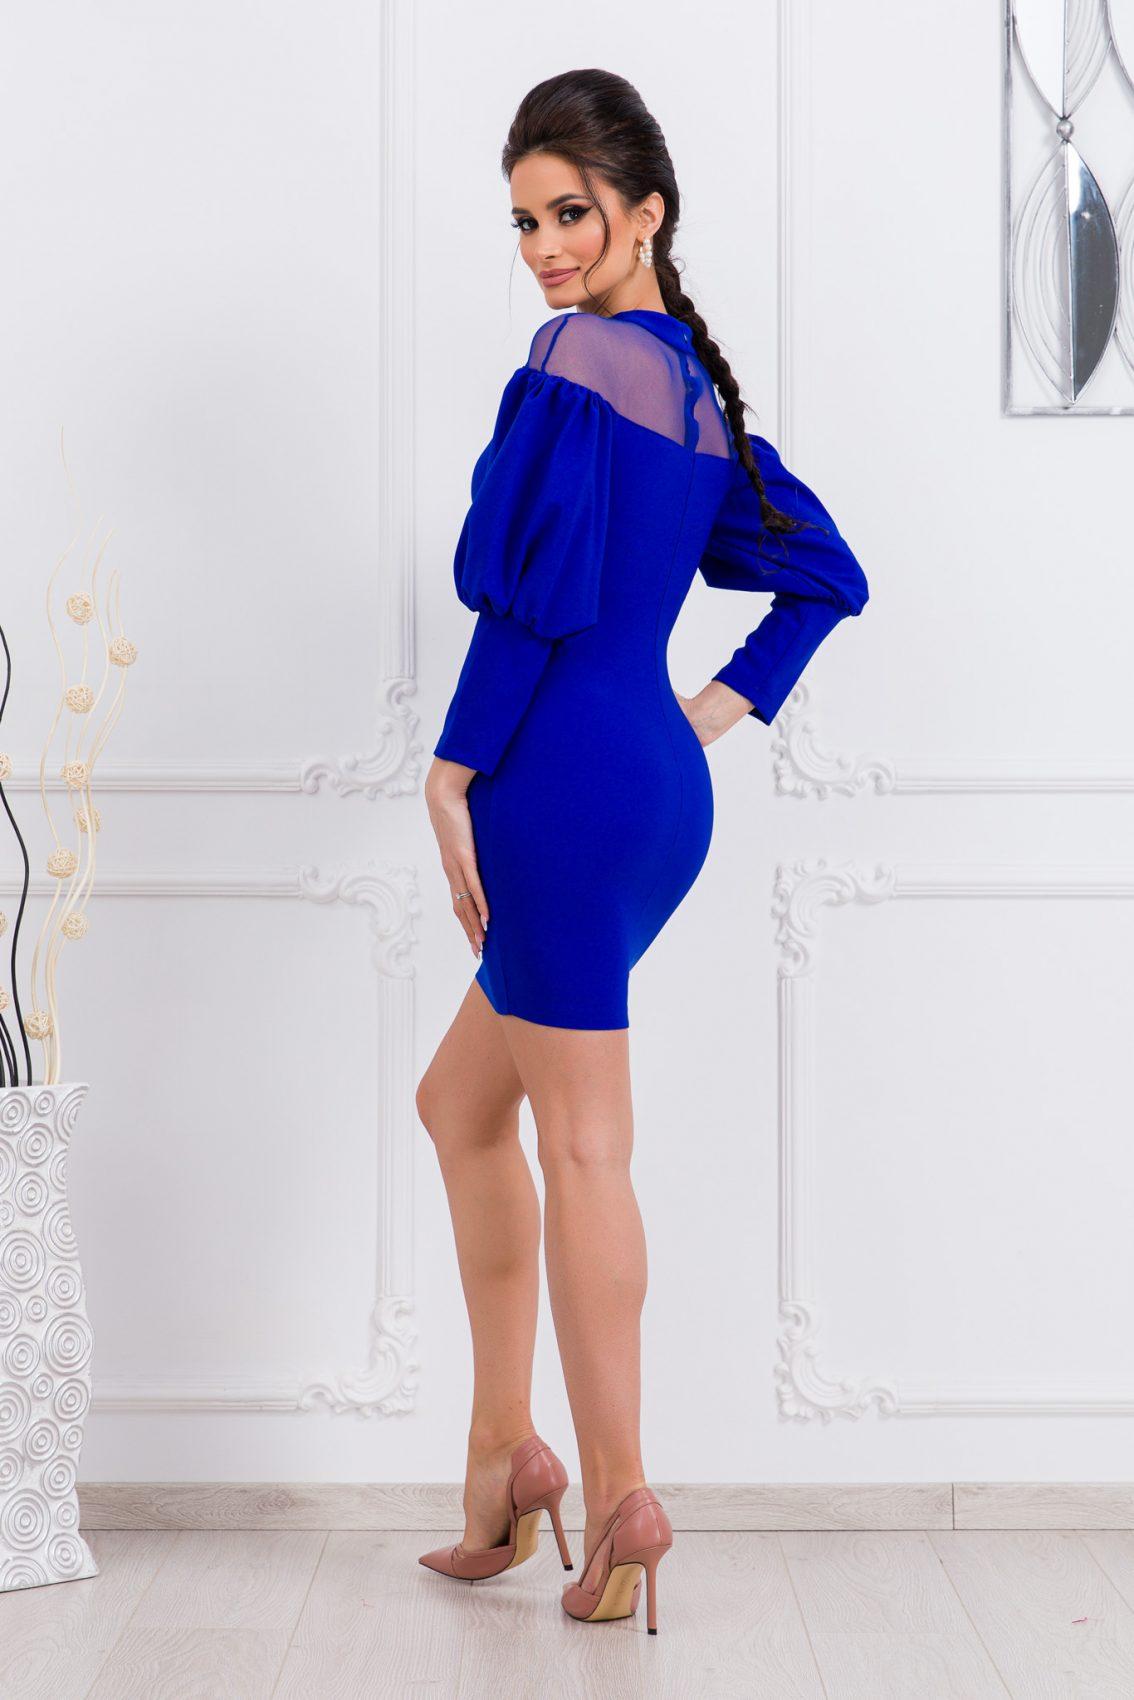 Μπλε Ρουά Φόρεμα Με Φουσκωτά Μανίκια Aliss 9712 2